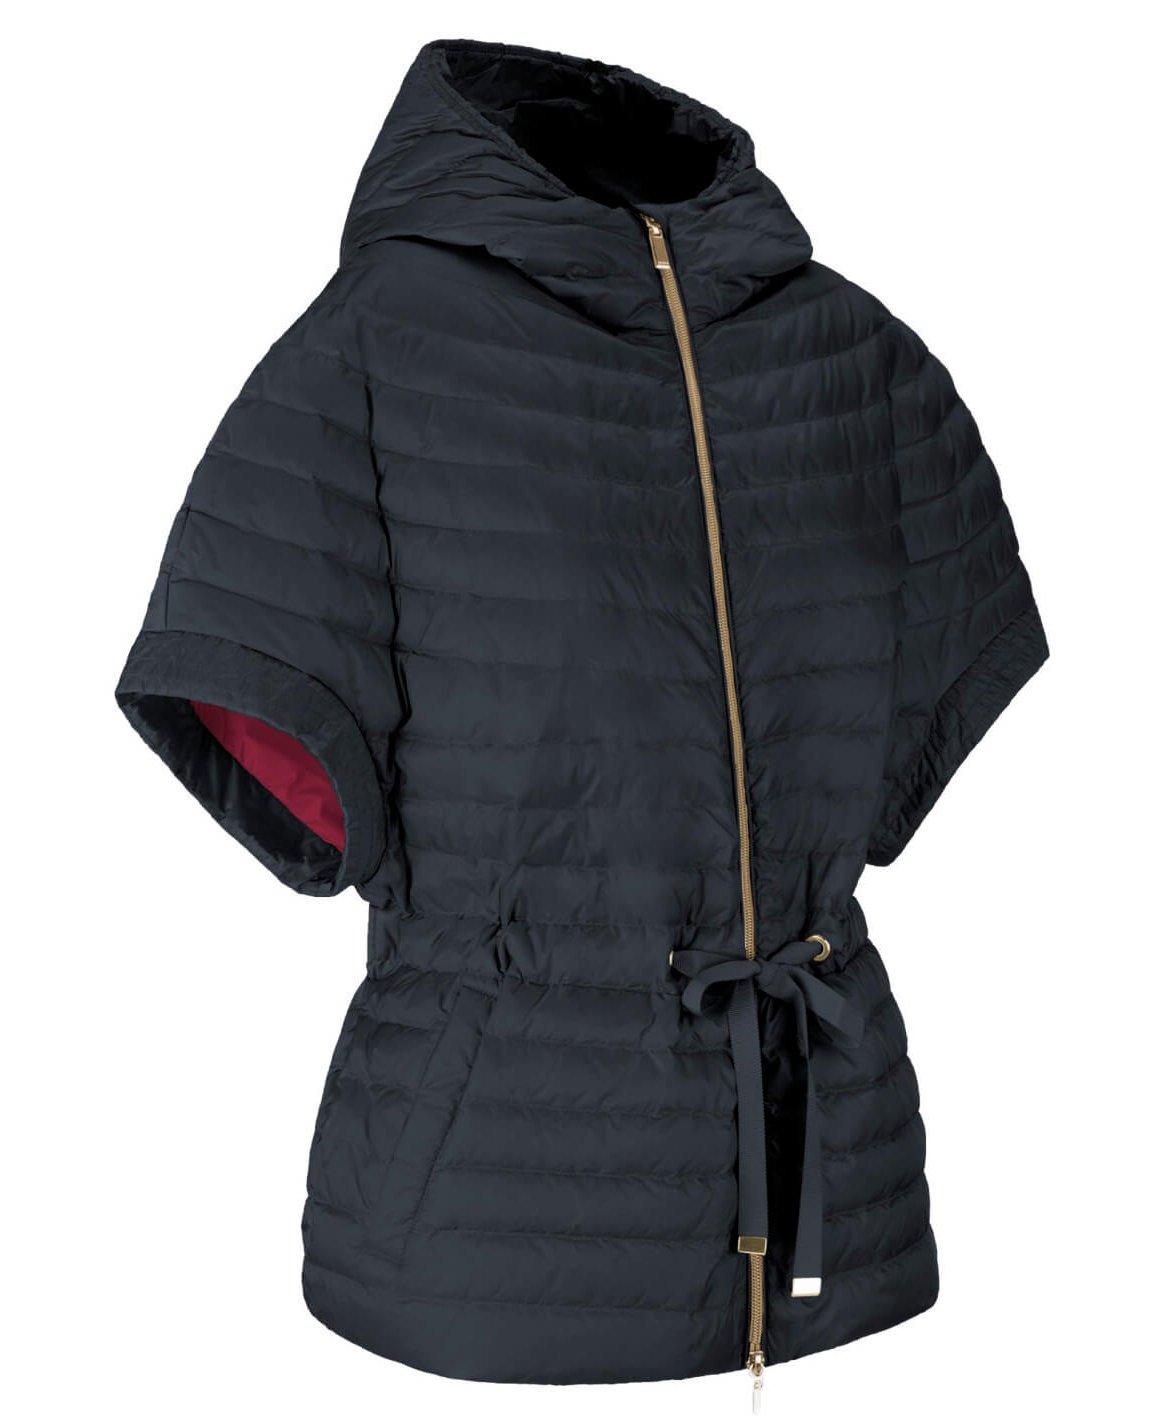 dc61b903f Женская куртка GEOX W8225E T2412 F4390 - купить в интернет-магазине ...